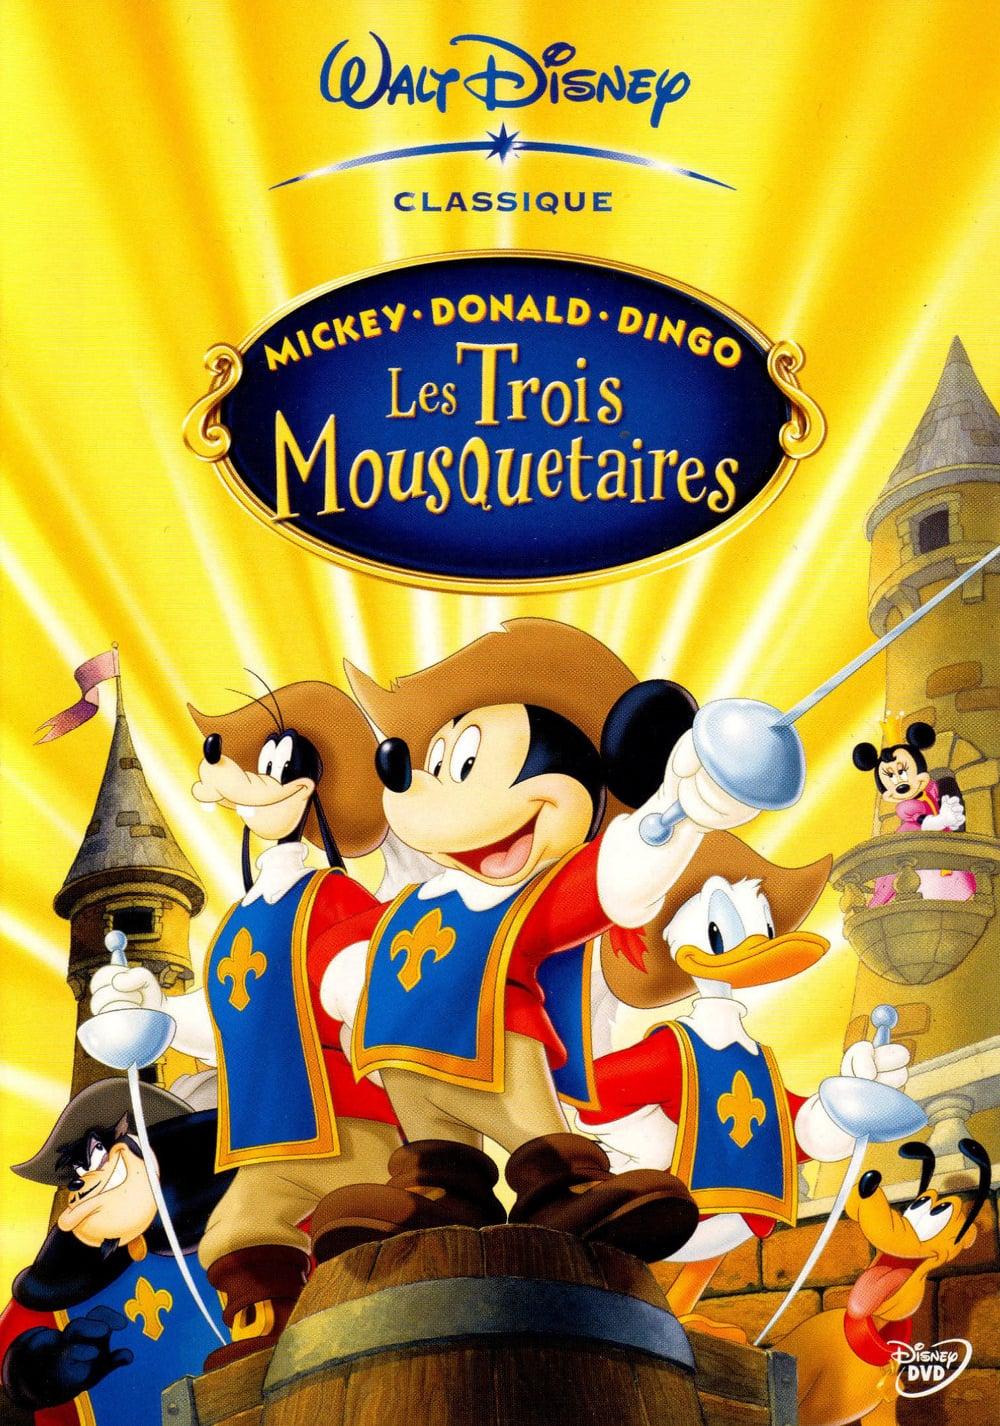 affiche du film Mickey, Donald, Dingo : Les Trois Mousquetaires